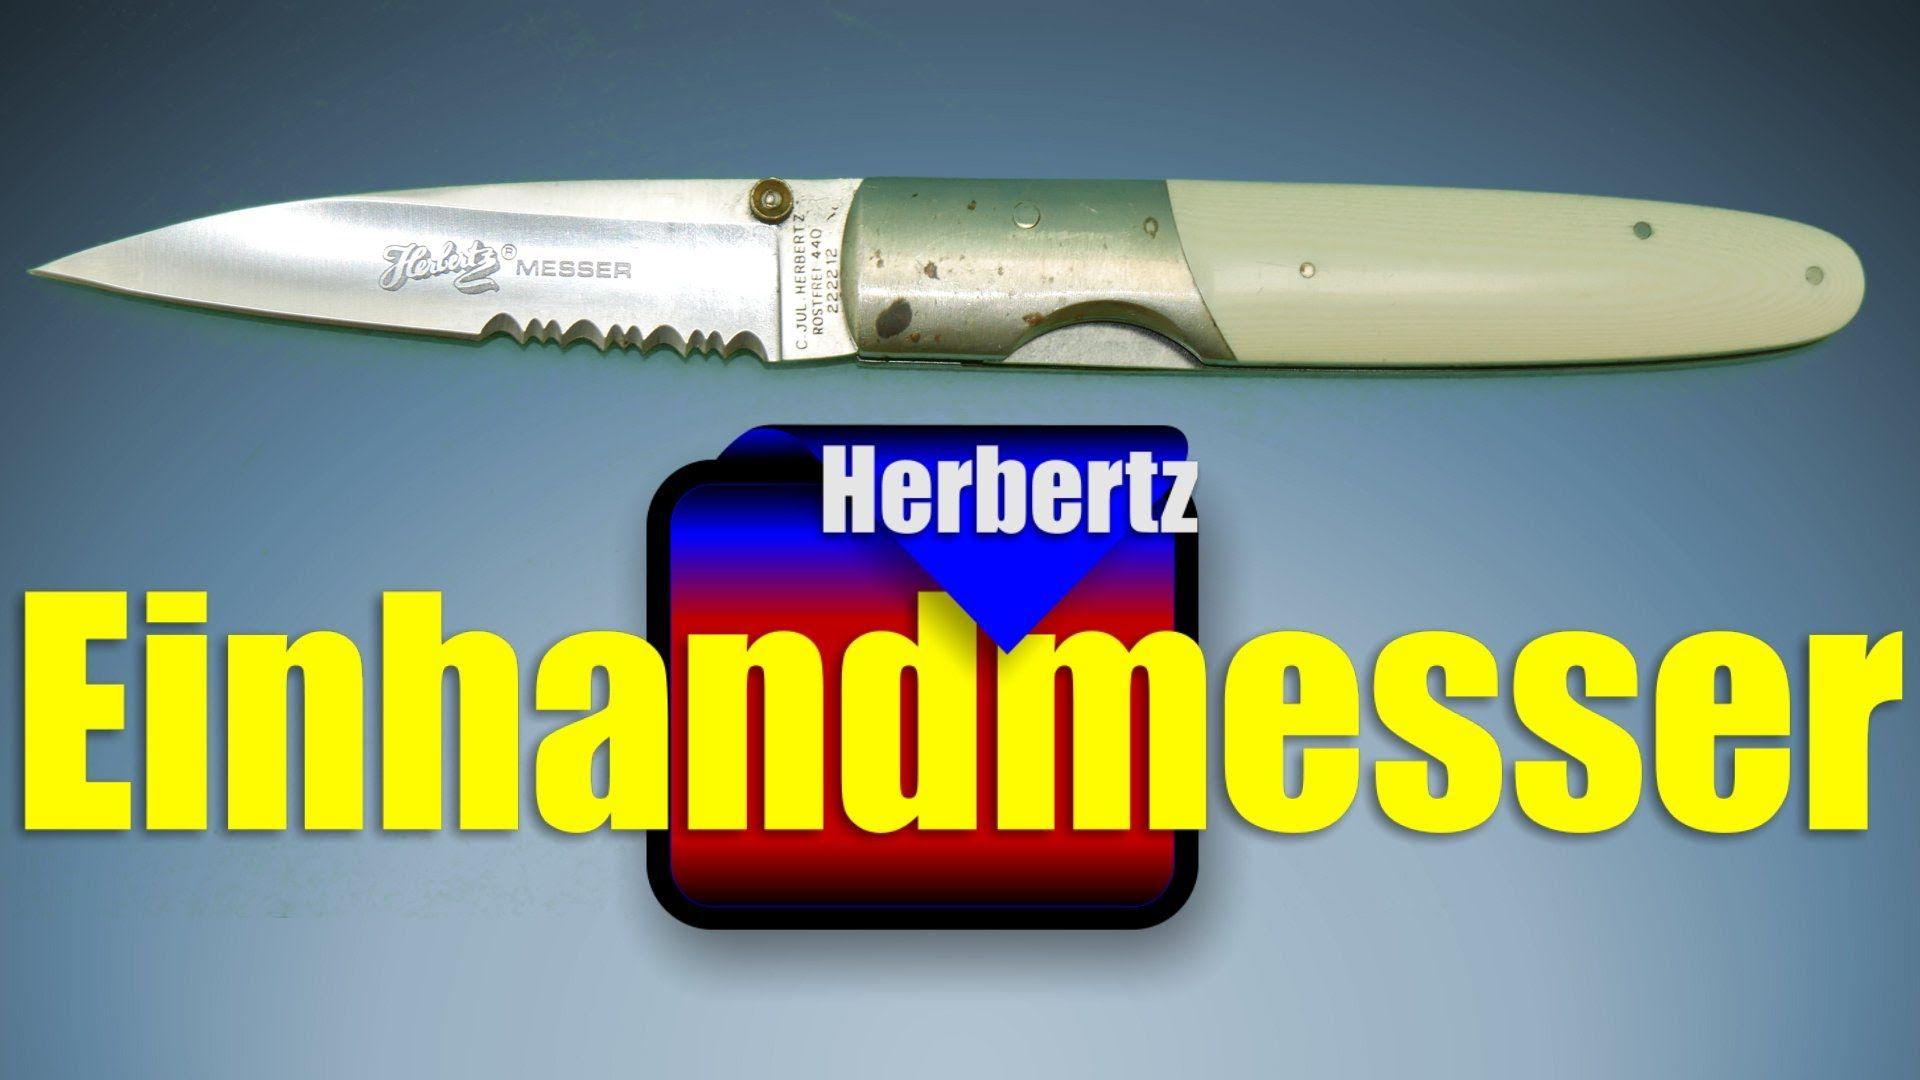 Einhandmesser Taschenmesser von Herbertz Gesamtlänge: ca. 20,5 cm Klingenlänge: ca. 8 cm Gewicht: ca. 125 g mit Wellenschliff